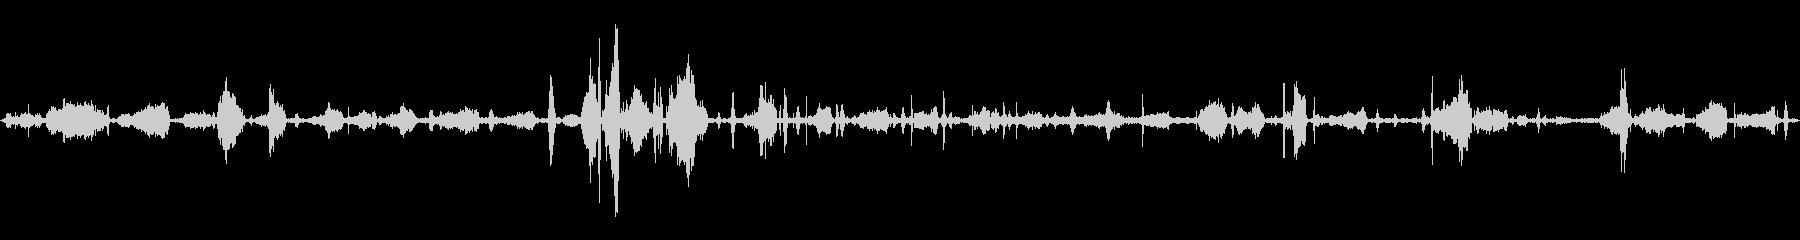 ワイルドボブキャット:うなり声とうなり声の未再生の波形